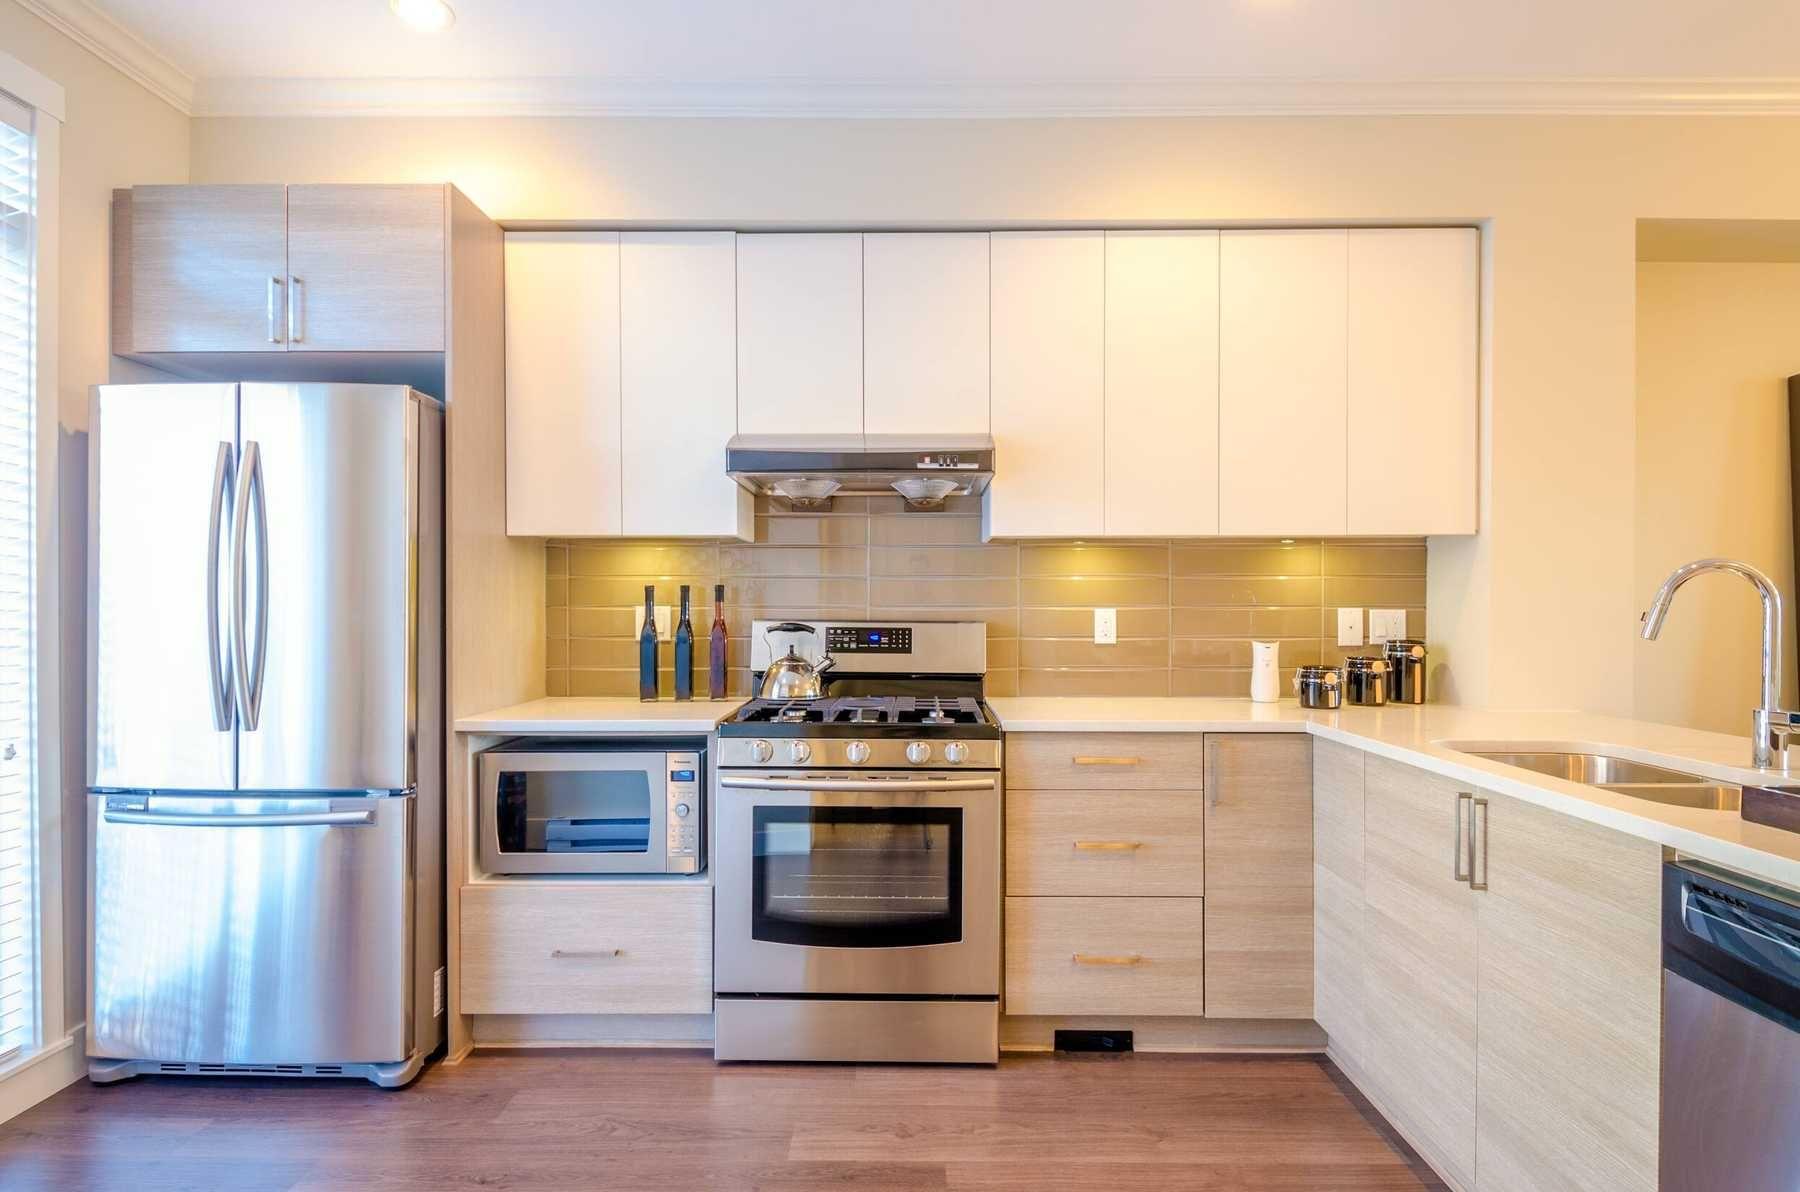 trang trí nhà bếp với Phong cách thiết kế công nghệ